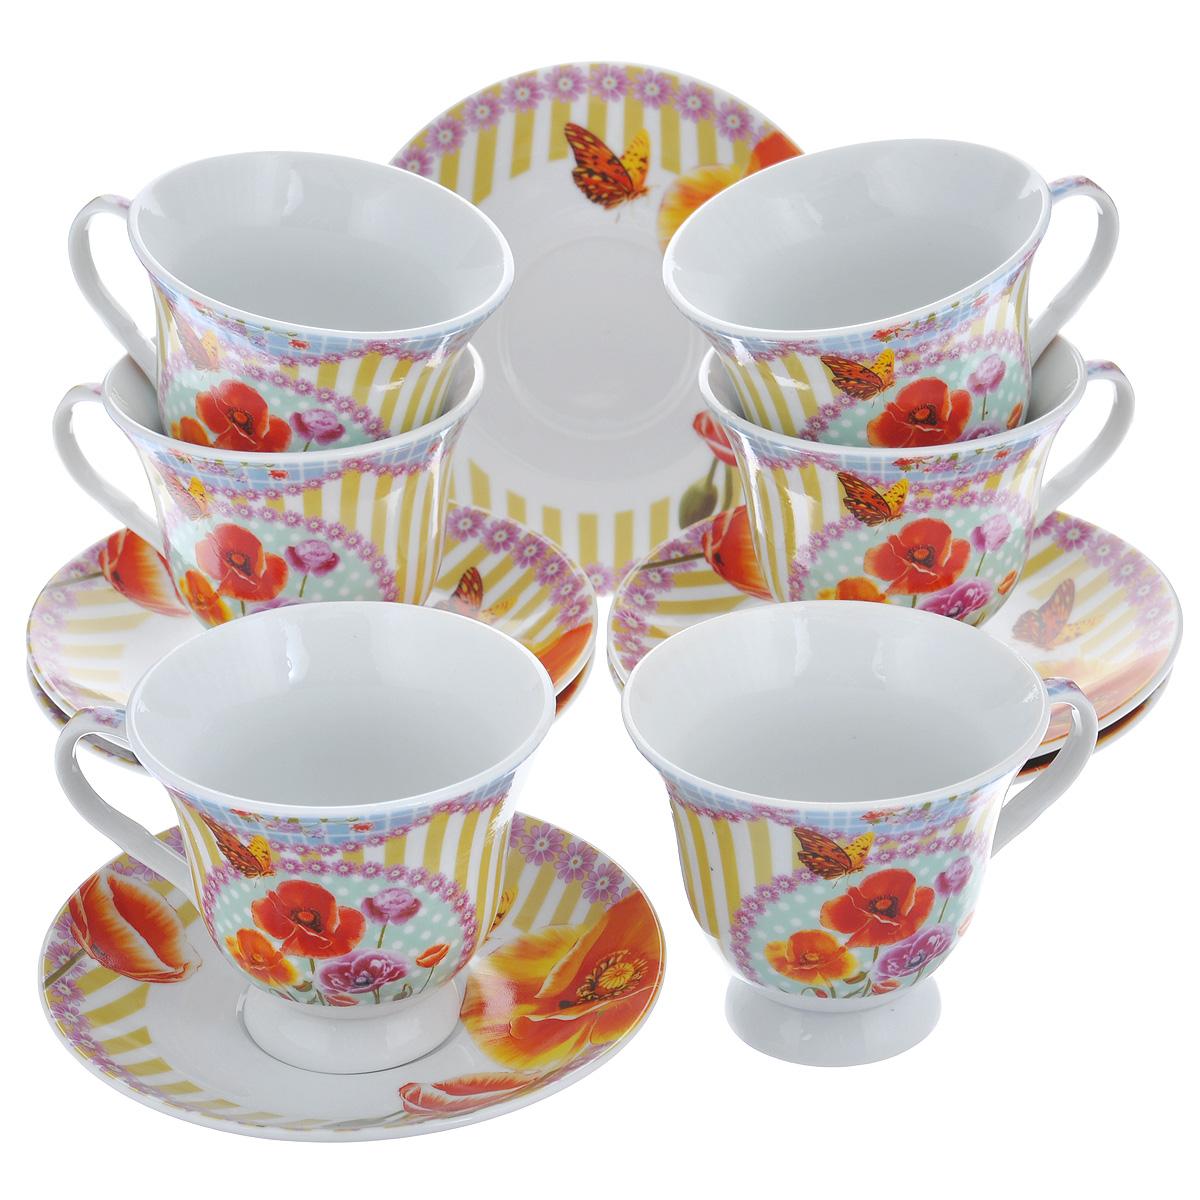 Набор чайный Korall Маки, 12 предметов804488Чайный набор Korall Маки состоит из шести чашек и шести блюдец. Предметы набора, изготовленные из высококачественного фарфора, украшены красочным изображением маков. Элегантный дизайн набора придется по вкусу и ценителям классики, и тем, кто предпочитает утонченность и изысканность. Он настроит на позитивный лад и подарит хорошее настроение с самого утра. Изделия упакованы в круглую подарочную коробку, задрапированную атласной тканью. Чайный набор Korall Маки - идеальный и необходимый подарок для вашего дома и для ваших друзей в праздники, юбилеи и торжества. Объем чашки: 220 мл. Диаметр чашки (по верхнему краю): 9 см. Диаметр основания: 4,9 см. Высота чашки: 8 см. Диаметр блюдца: 14 см.